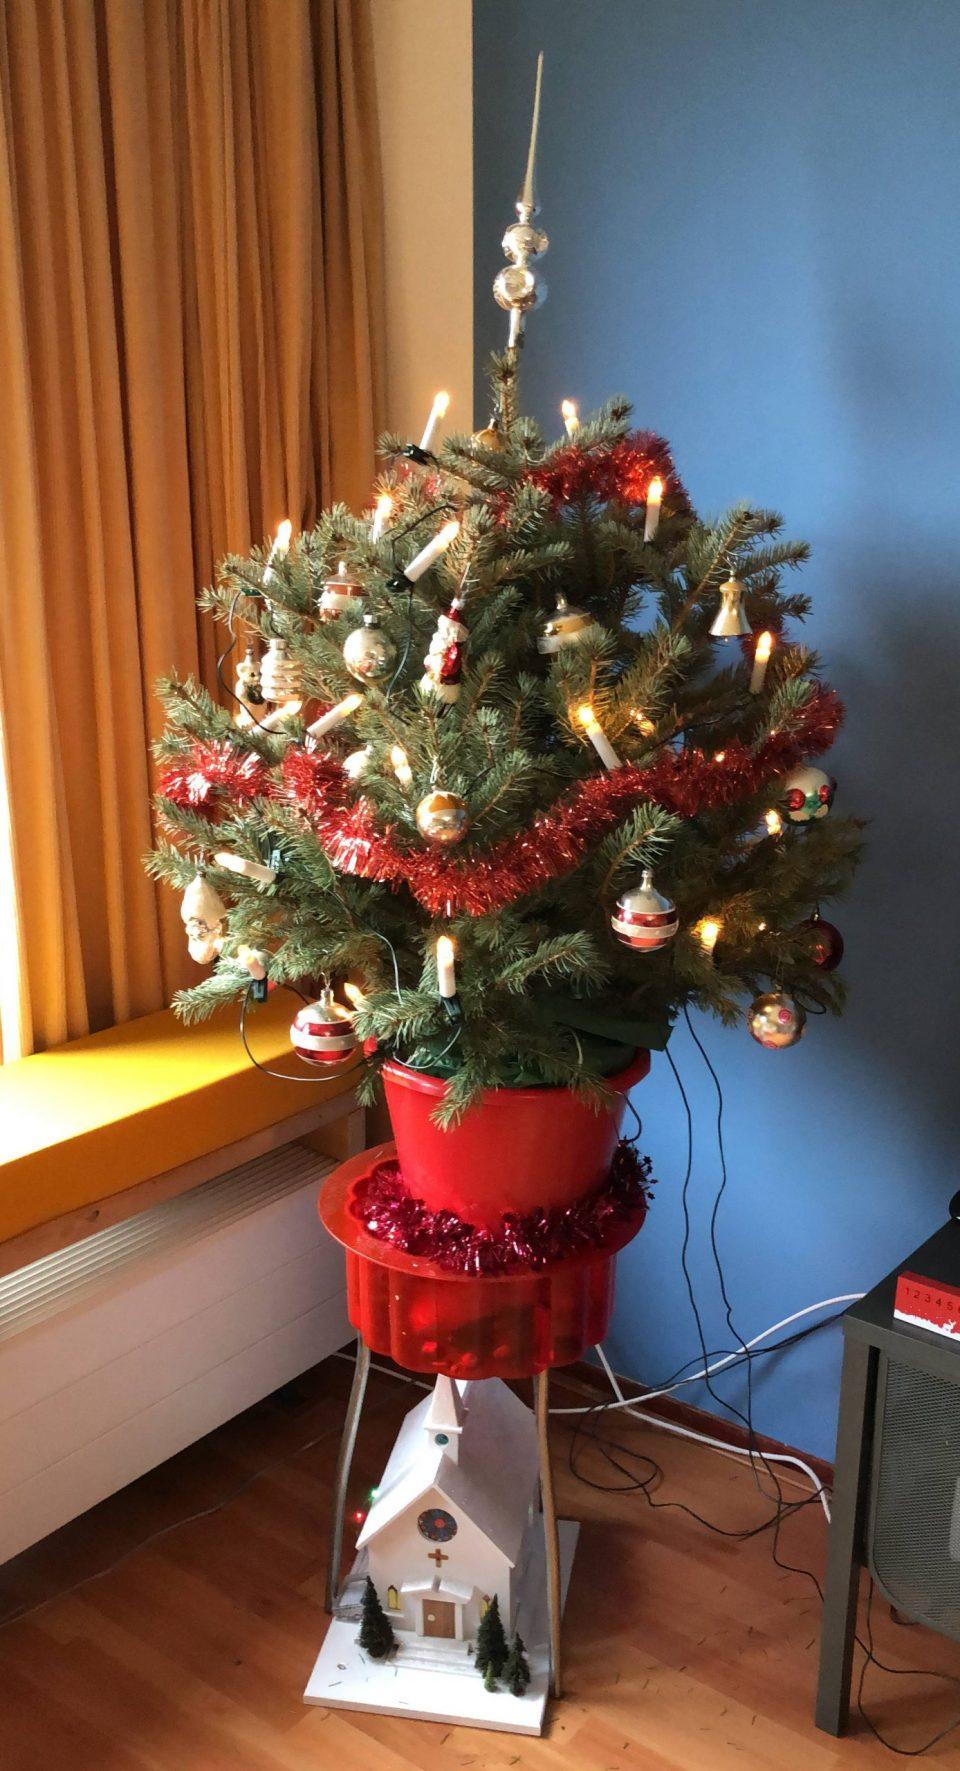 kerstboom met kerkje